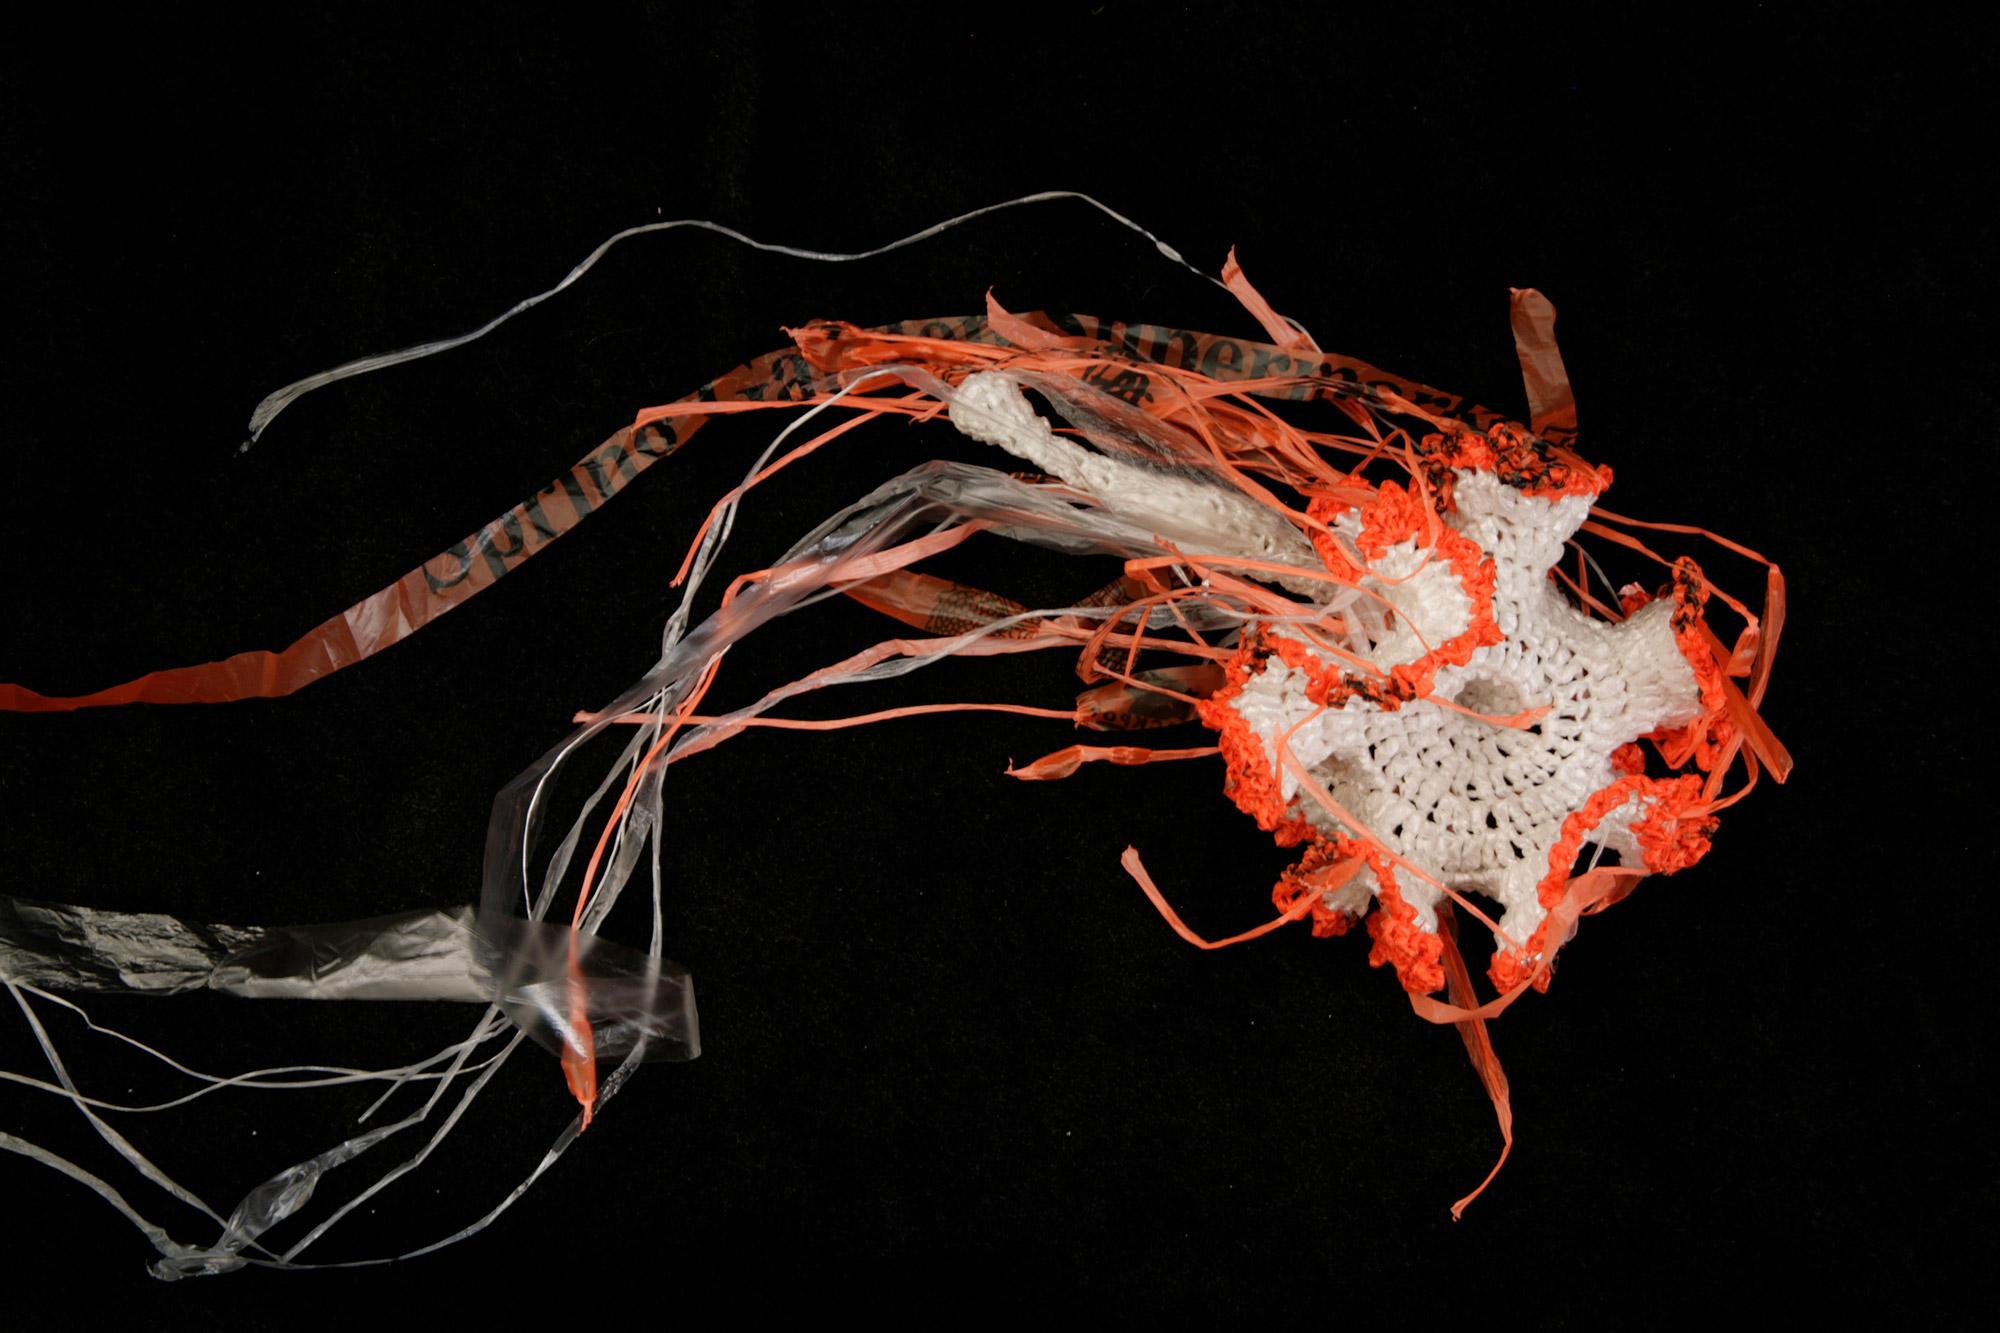 Jellyfish sculpture